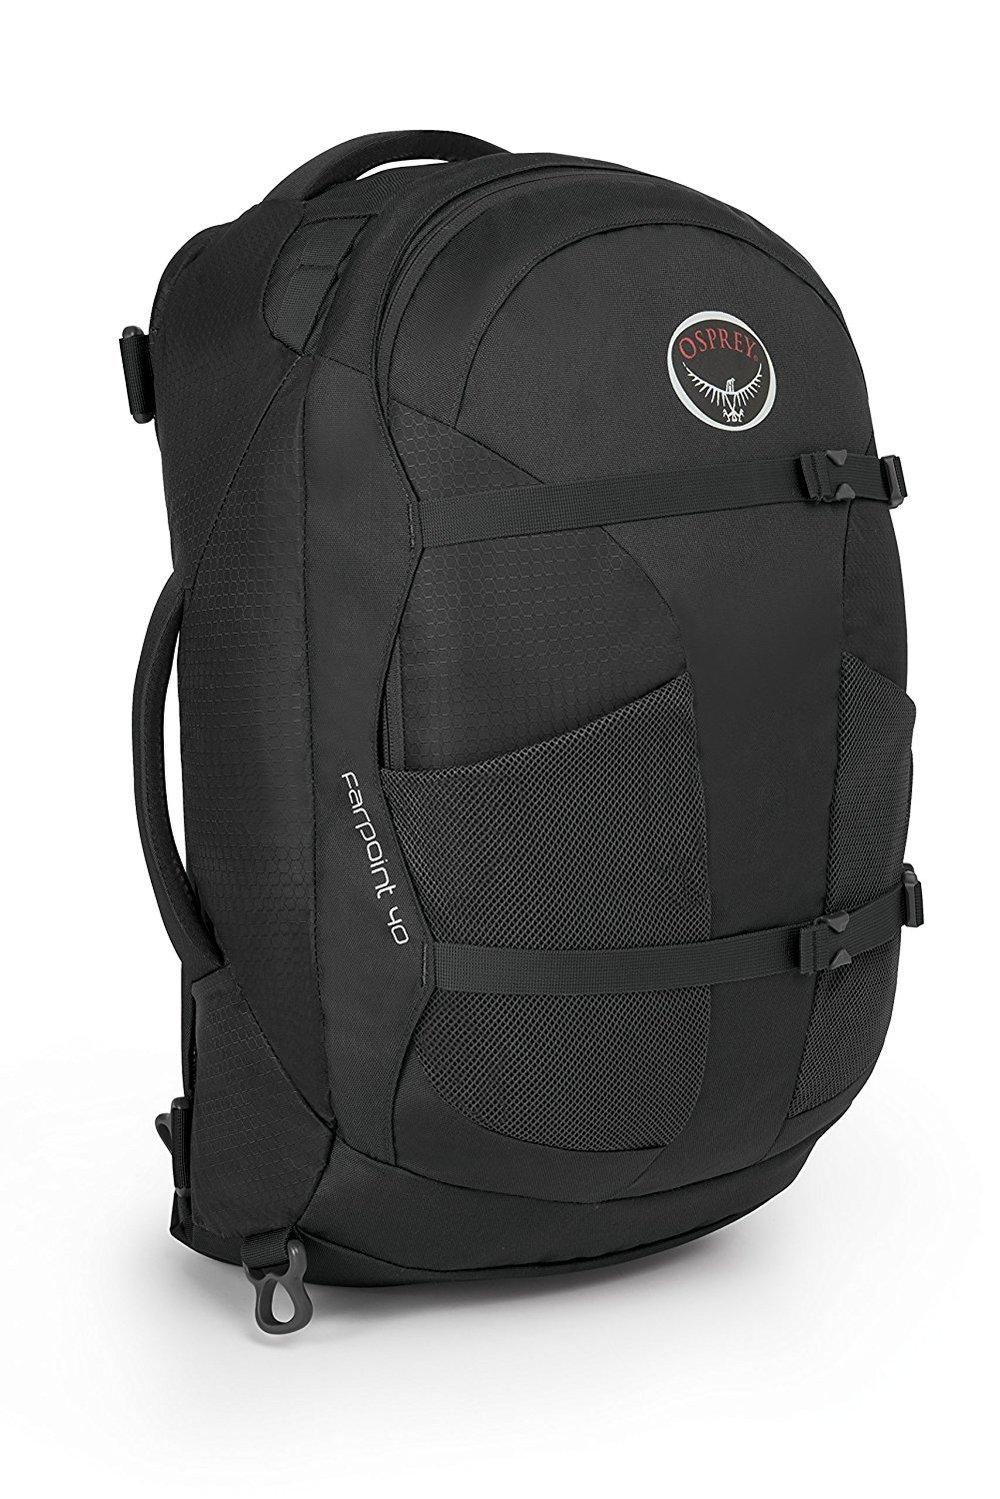 Osprey Farpoint 40L -